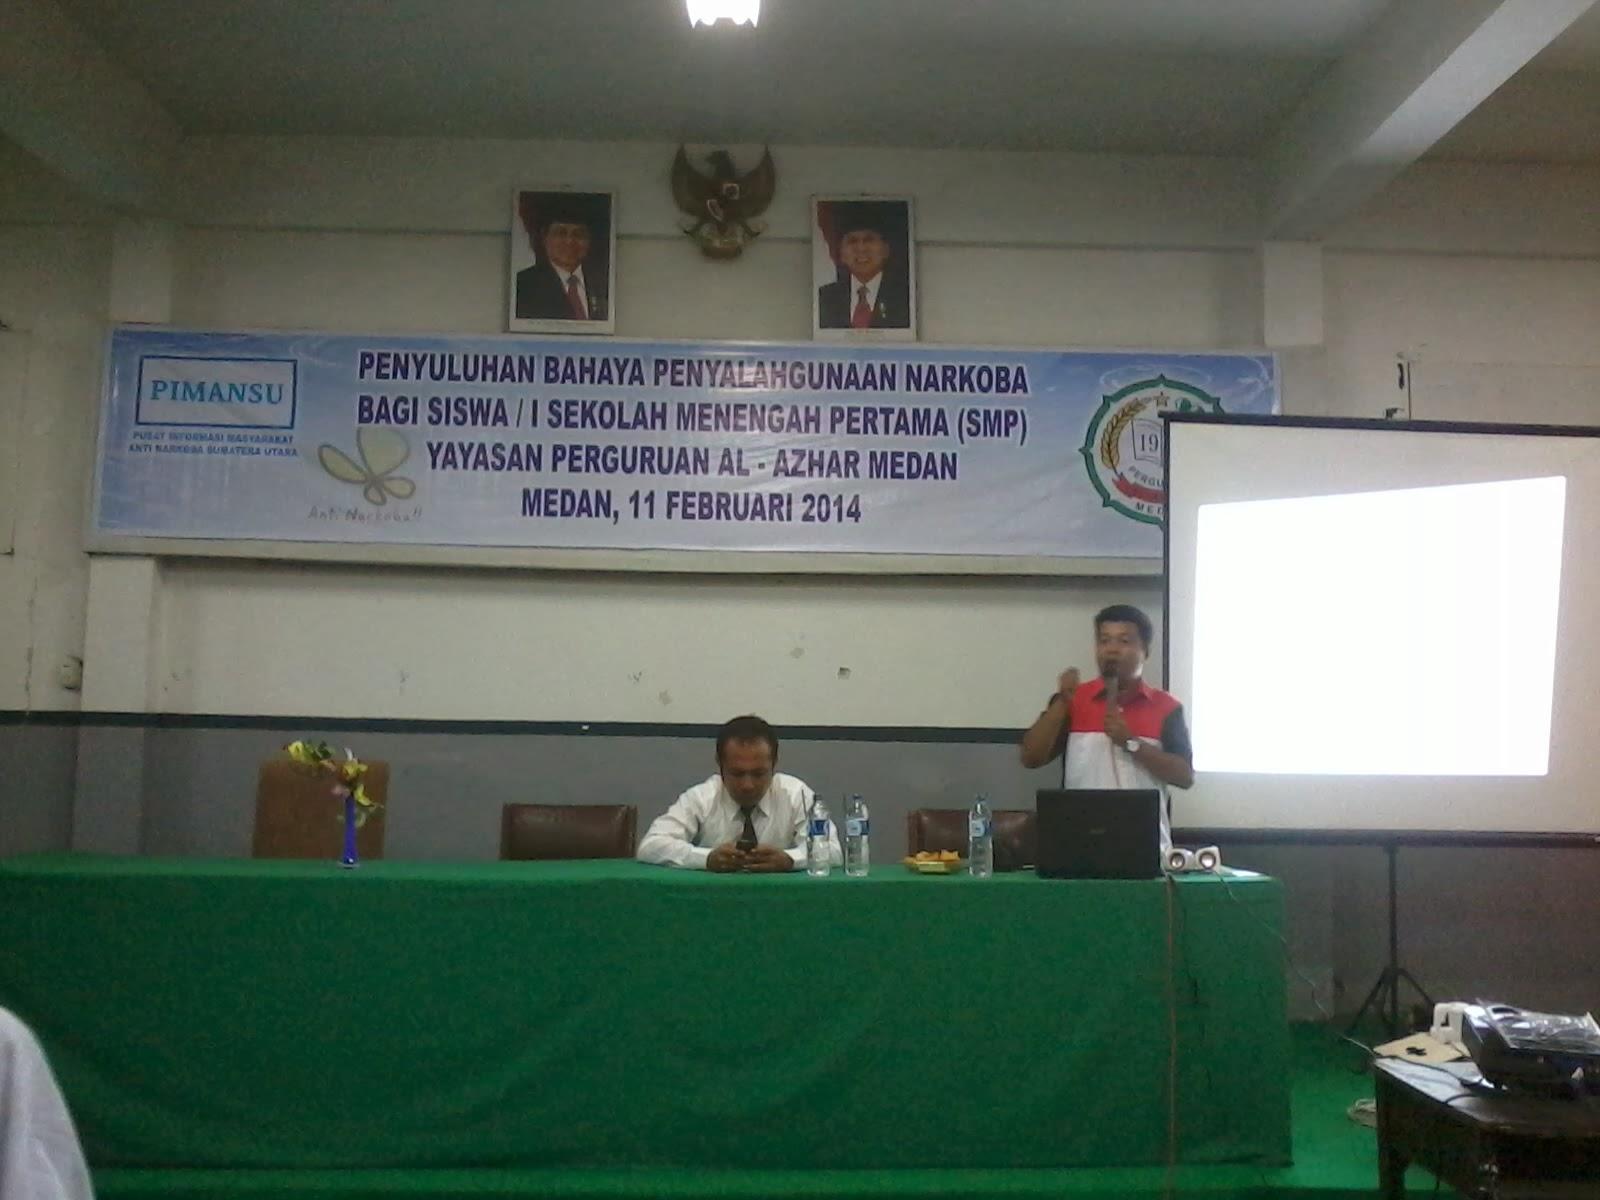 Selasa 11 Februari 2014 Perguruan Al Azhar Medan bekerja sama dengan pihak PIMANSU Pusat Informasi masyarakat Anti Narkotika Sumatera Utara melaksanakan